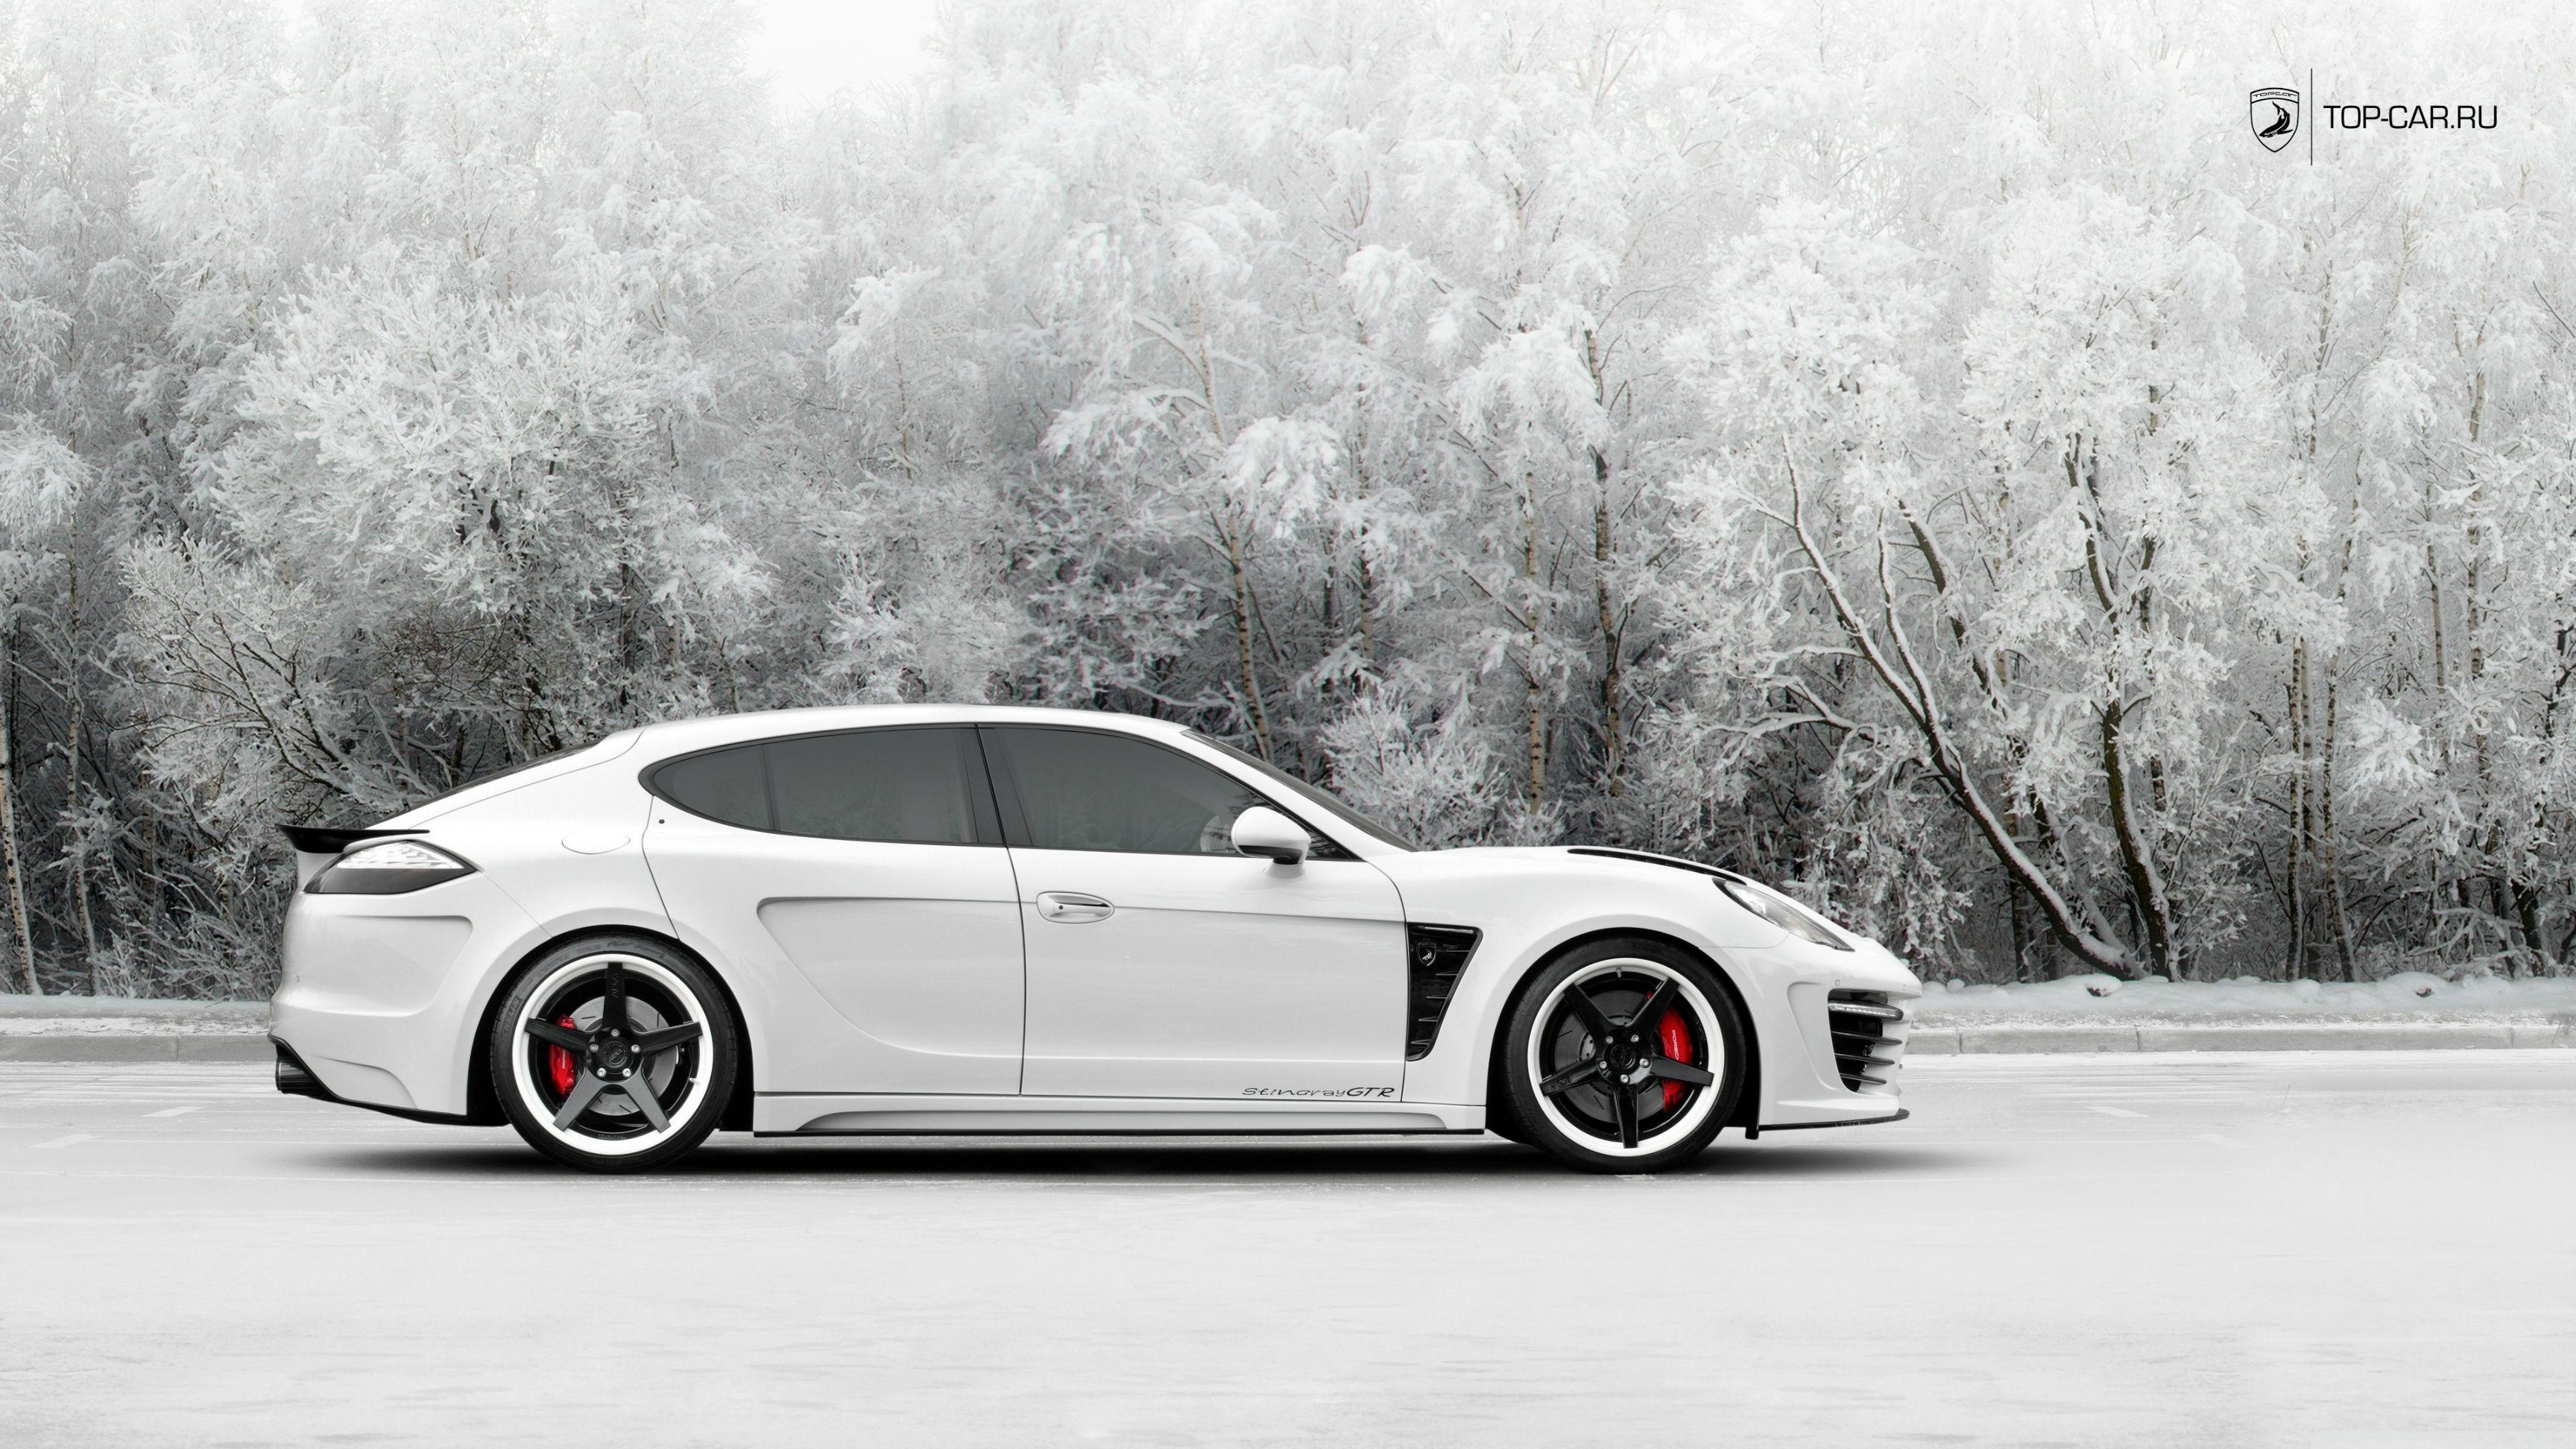 Porsche Panamera Fondo De Pantalla Hd Fondo De Escritorio